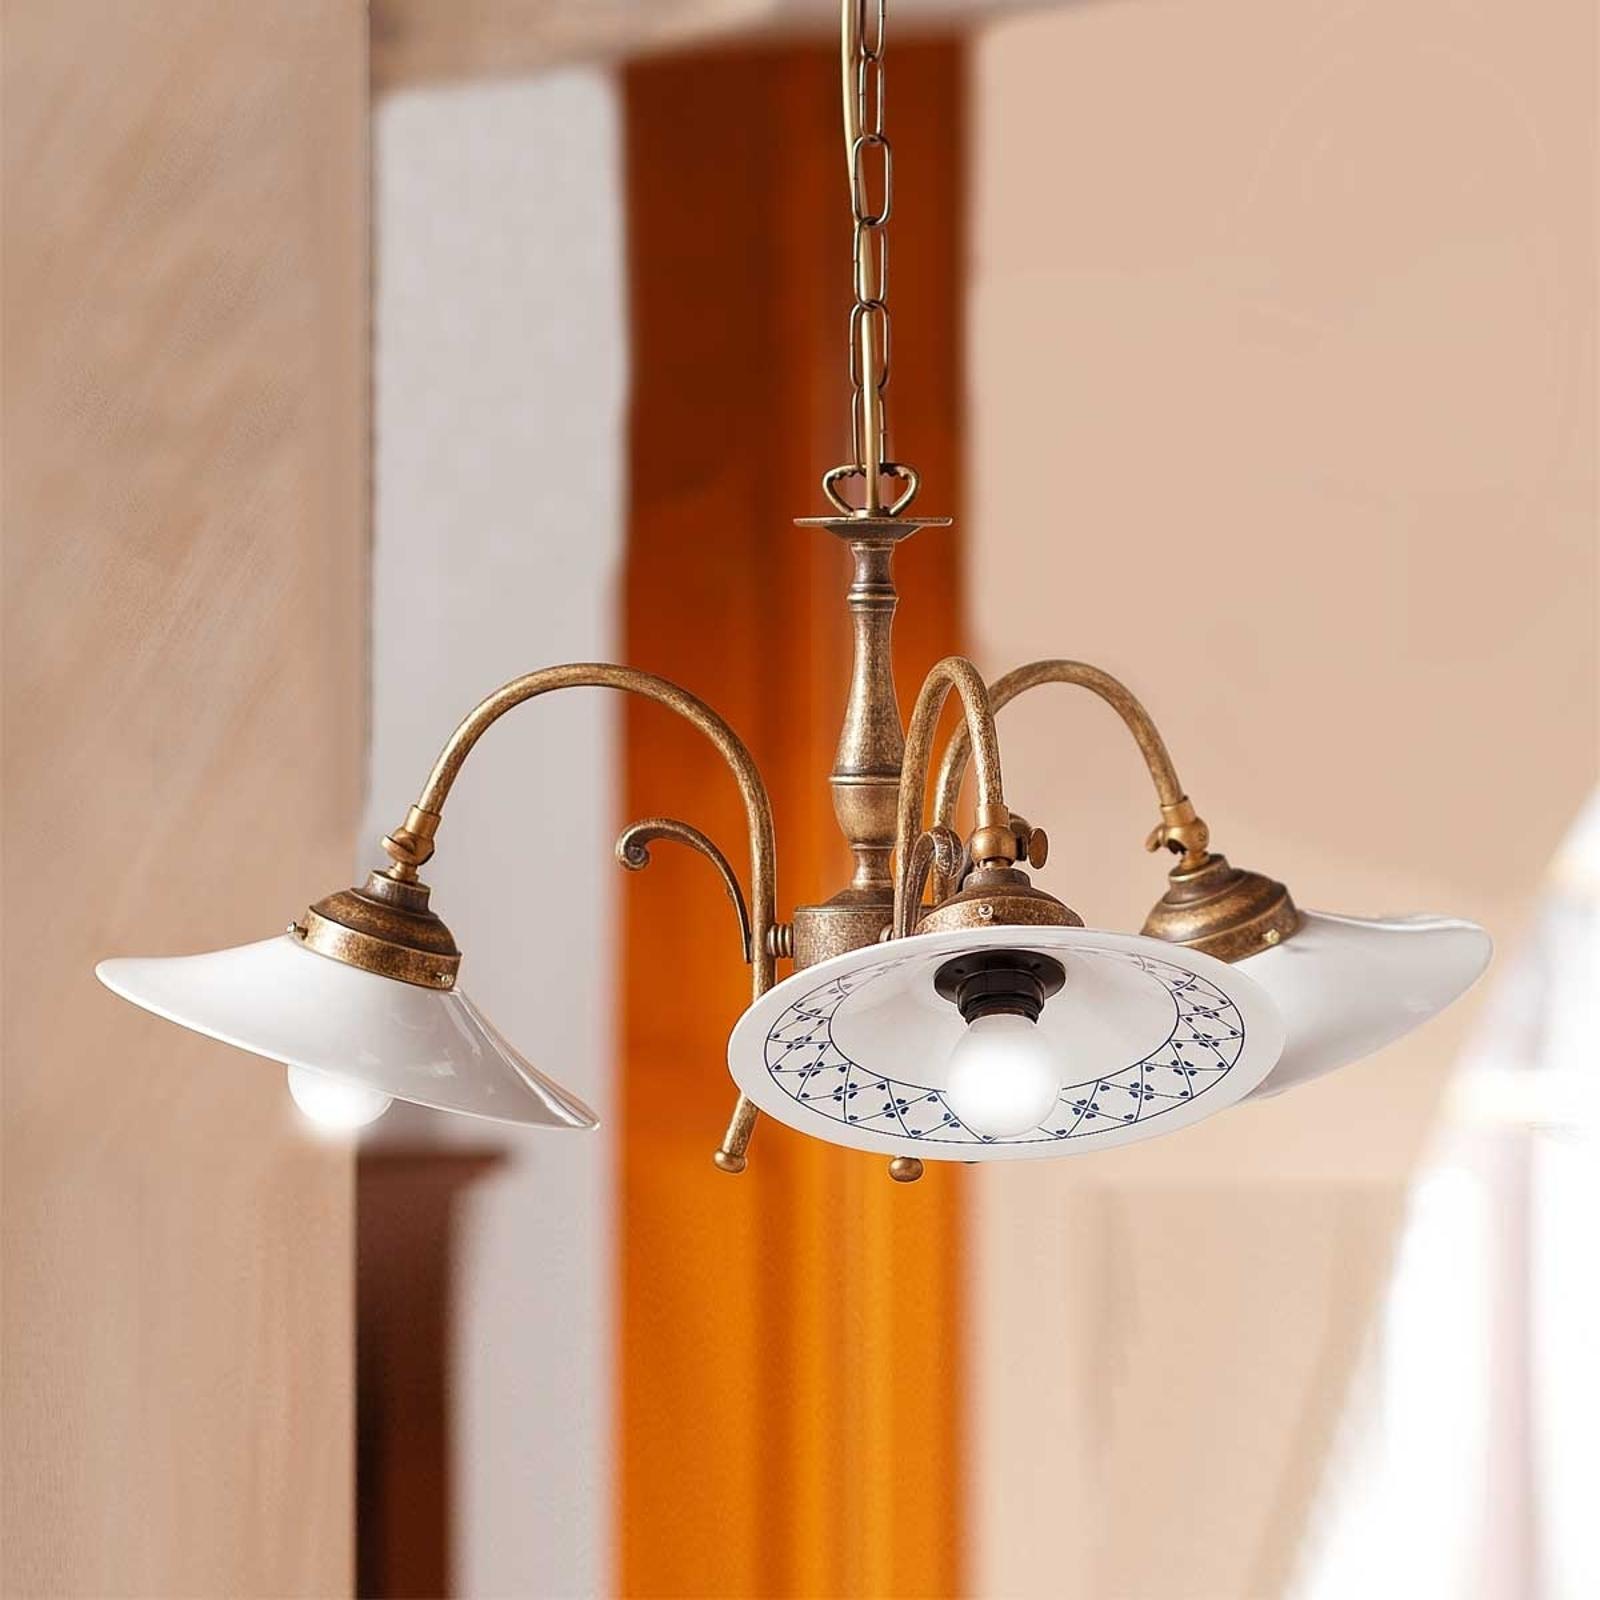 Hængelampe ORLO i landlig stil, med 3 lyskilder